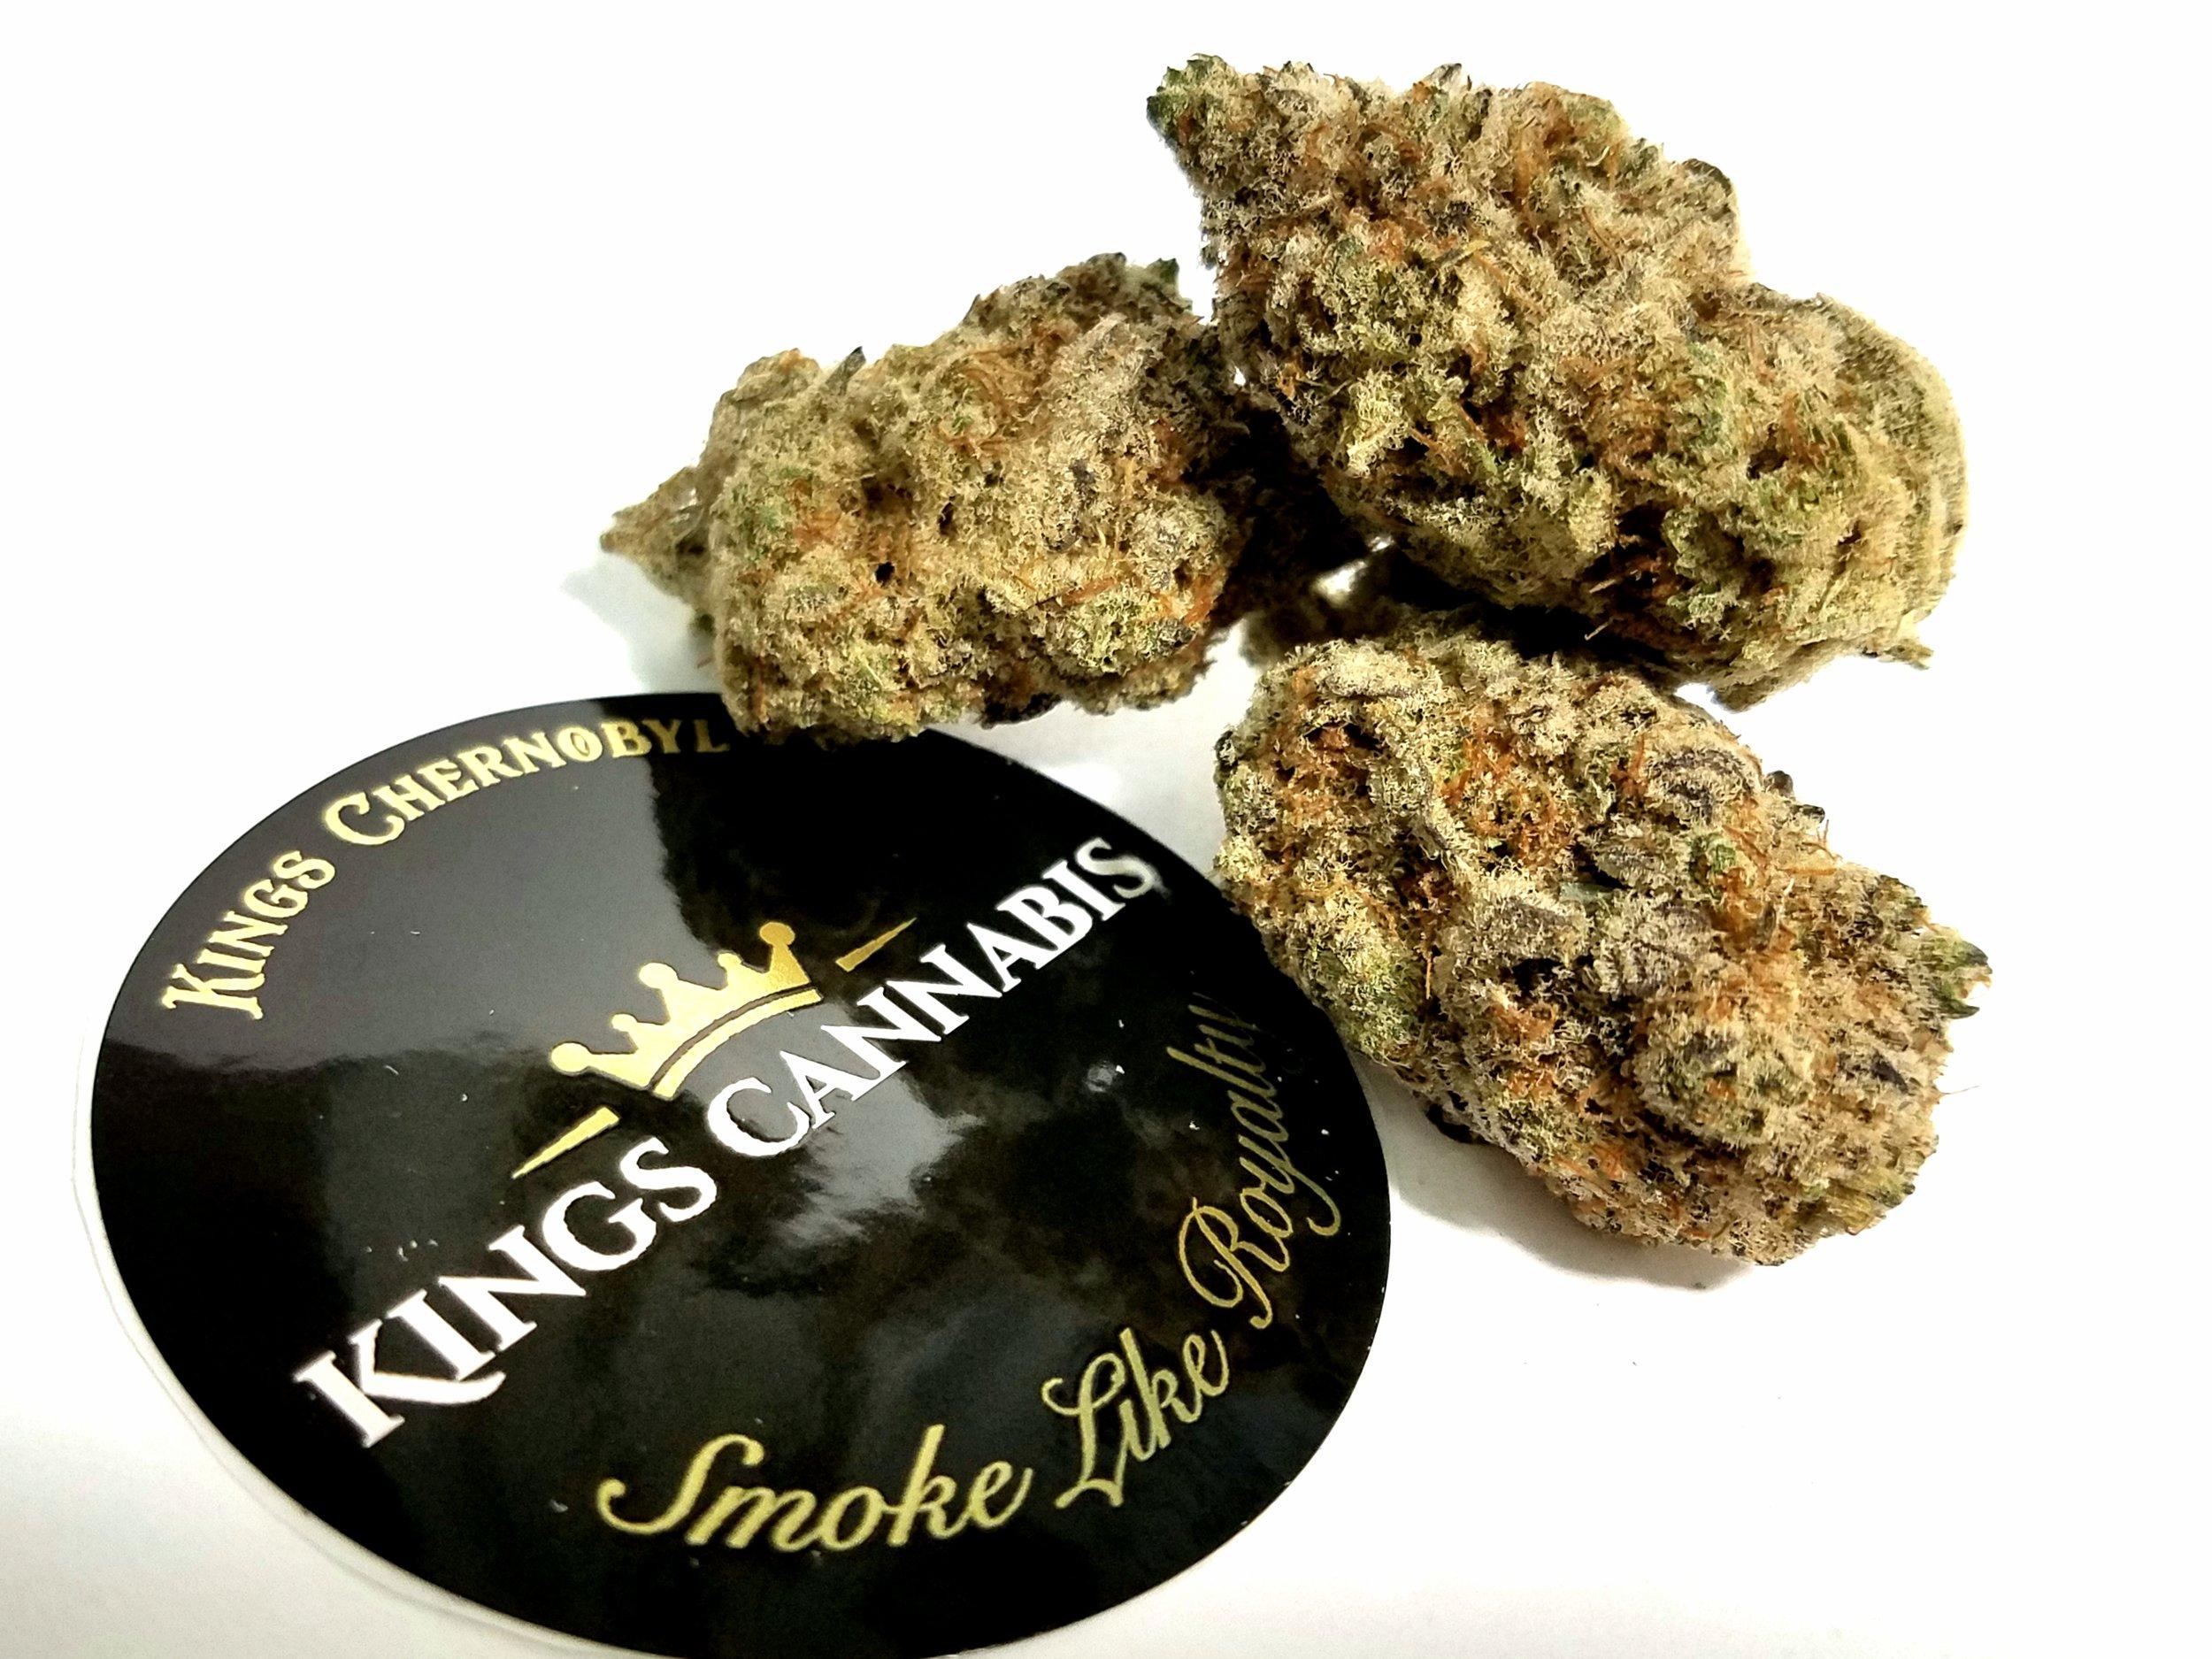 Kings Chernobyl grown by Kings Cannabis